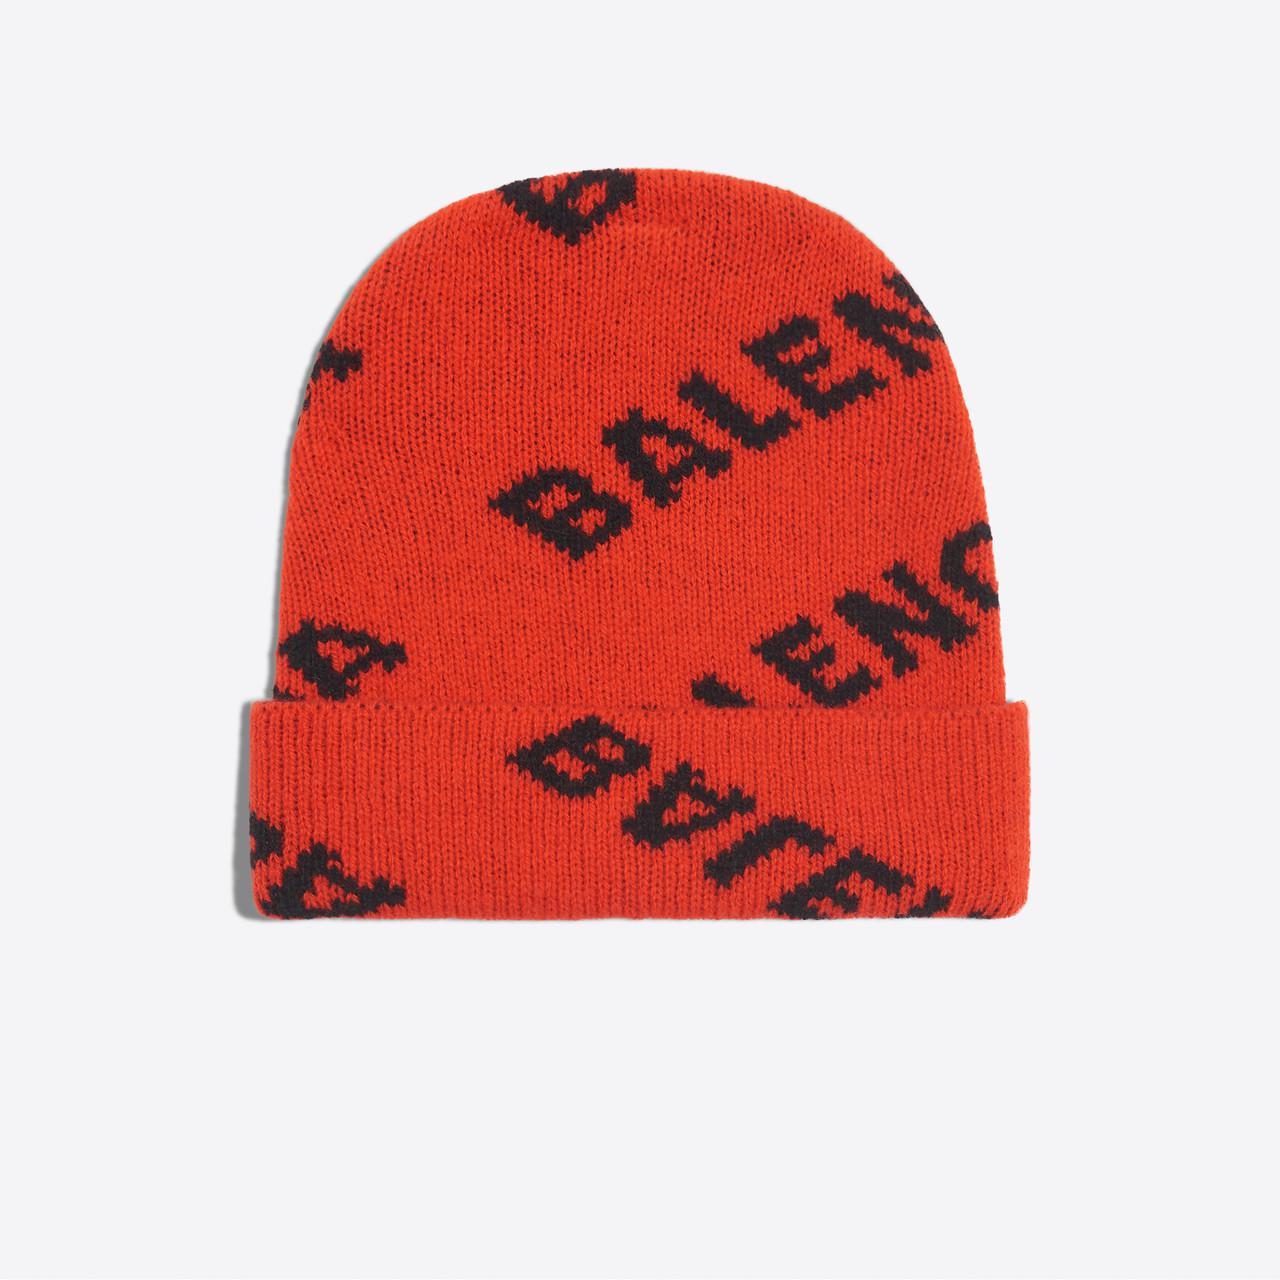 ccb50969e03 Balenciaga Jacquard Logo Beanie in Red - Save 16.66666666666667% - Lyst